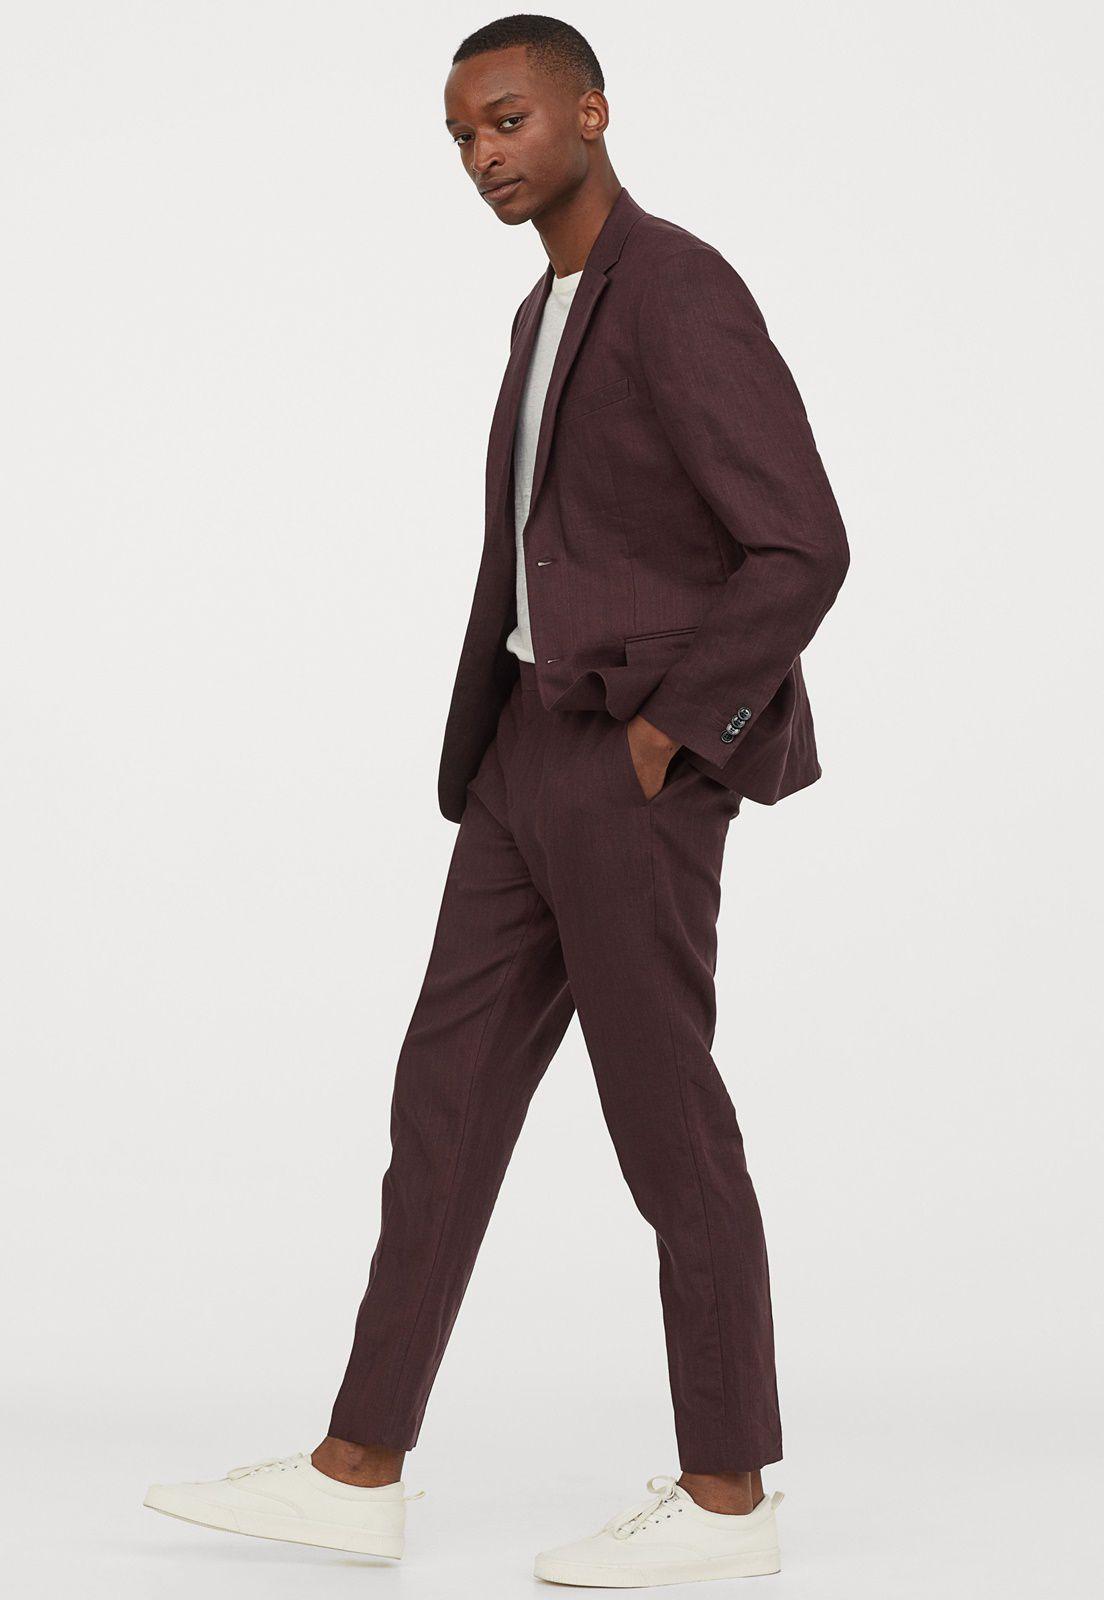 Terno Jordhan Slim Fit Microfibra Bordo Luxury Edition